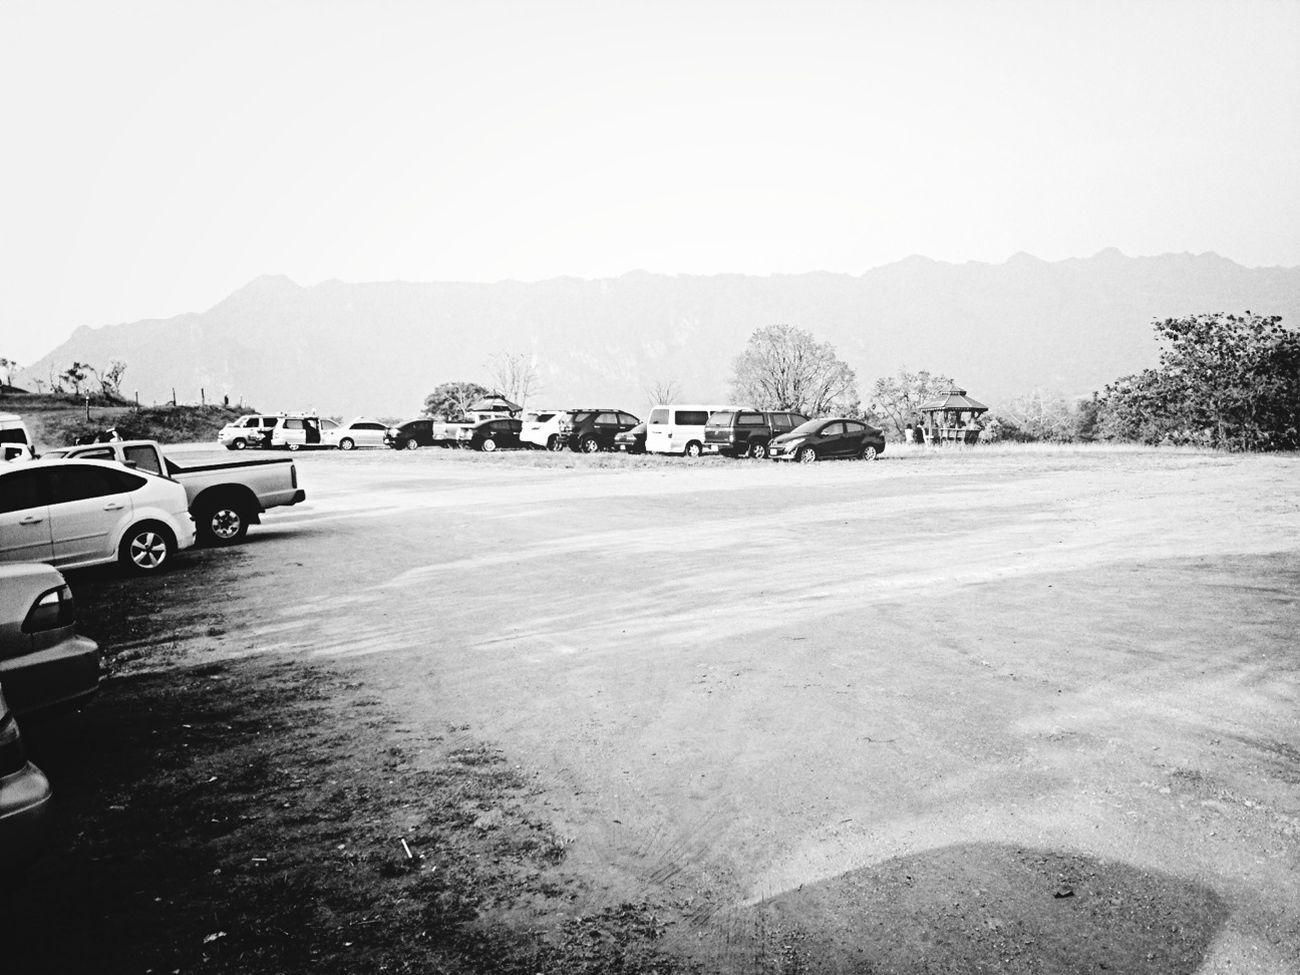 Blackandwhite Landscape Monochrome